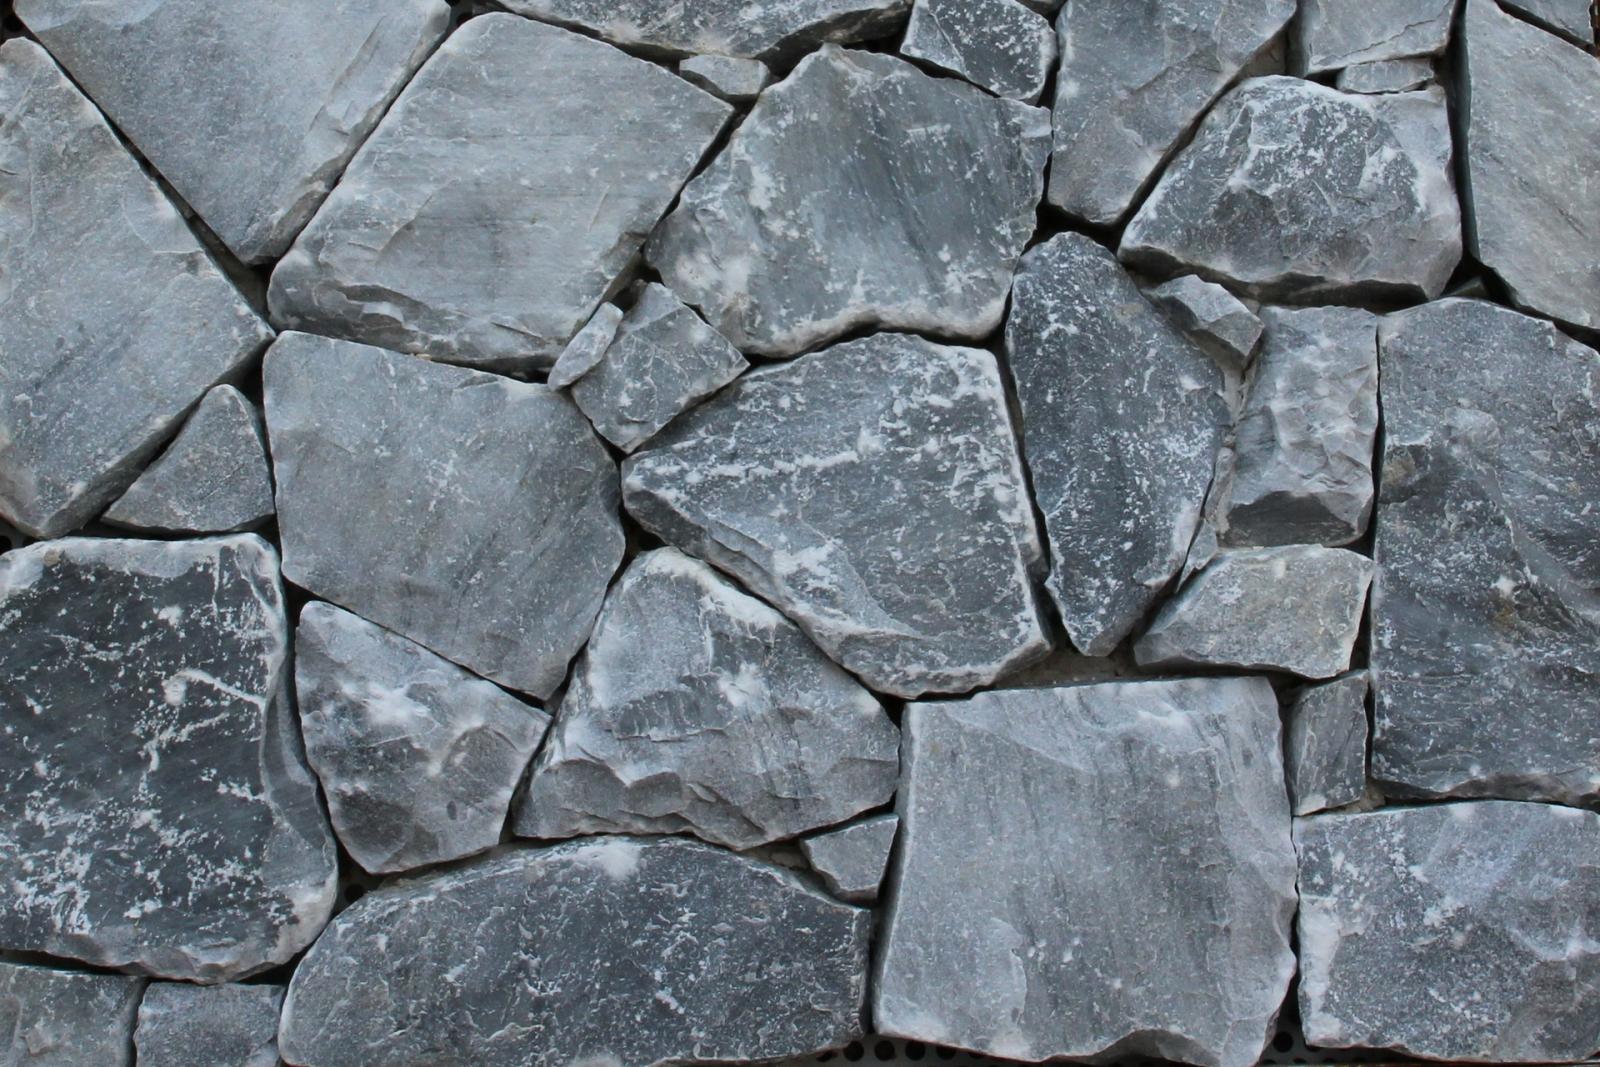 Rivestimento In Pietra Esterno : Rivestimenti in pietra naturale per esterni origine pietra